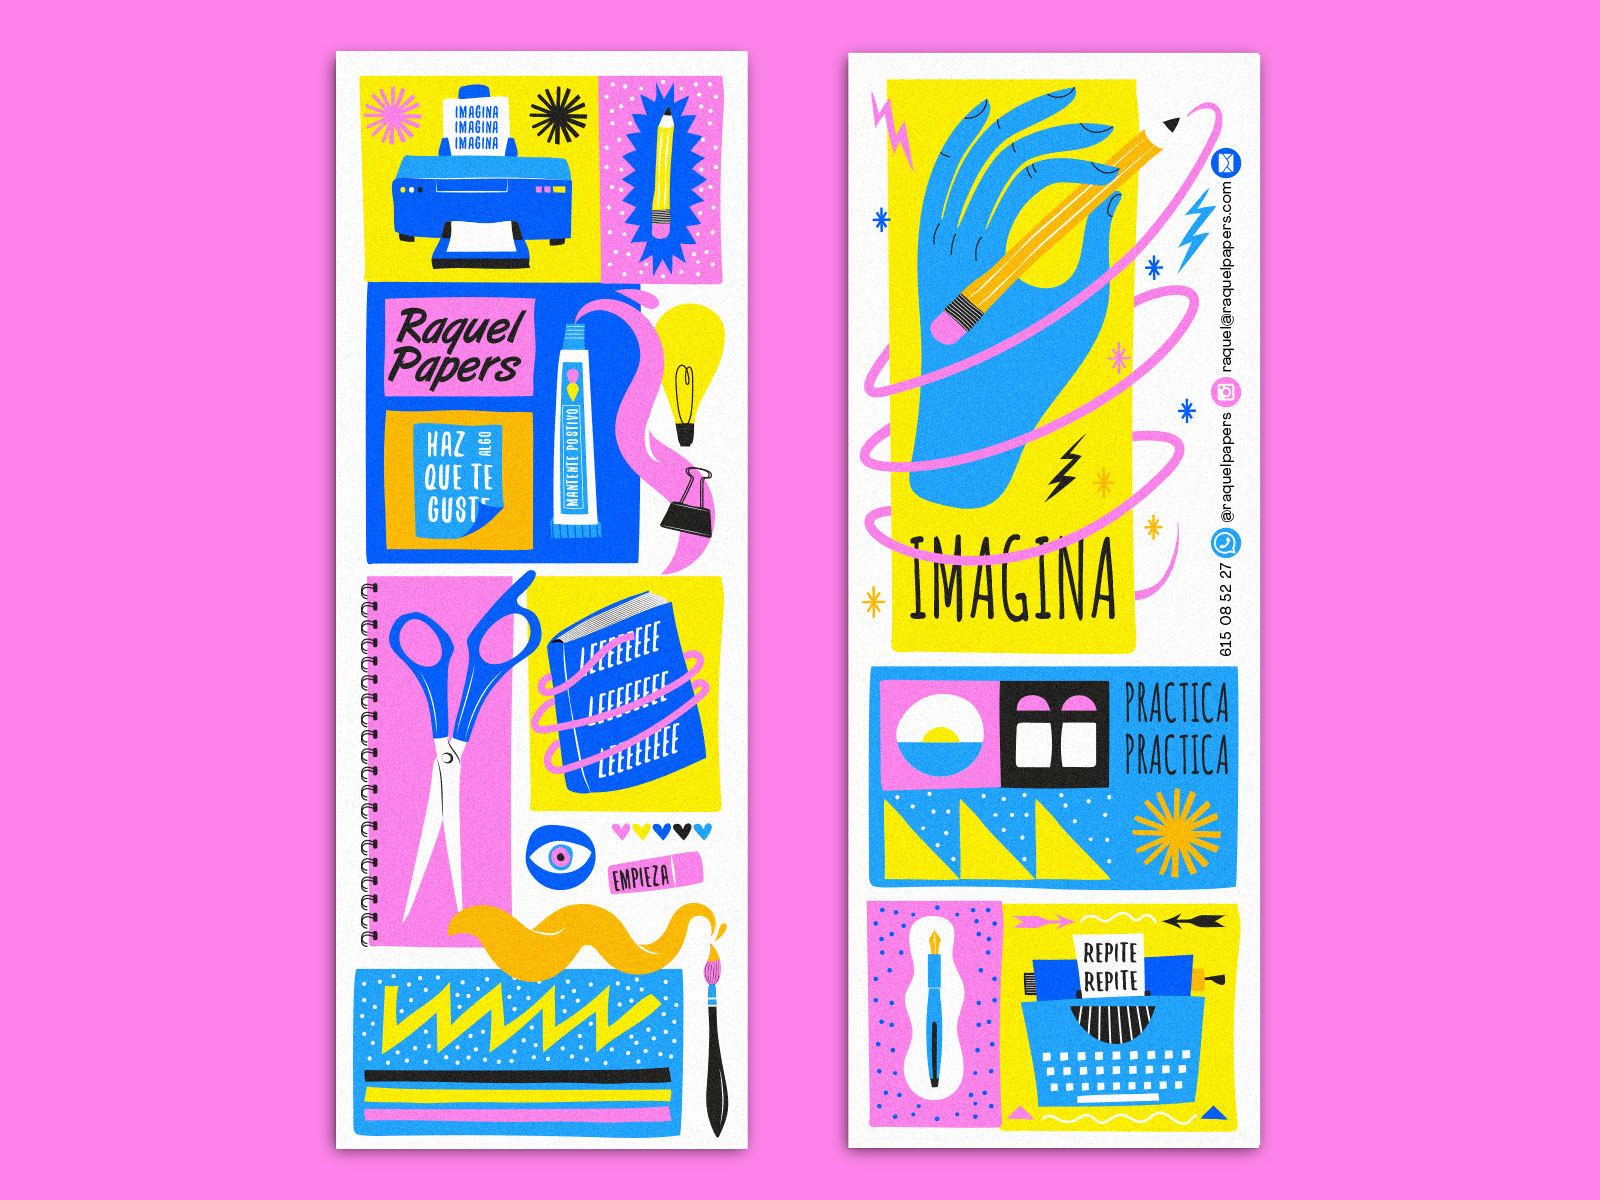 Raquel Papers - Puntos de libro ilustrados